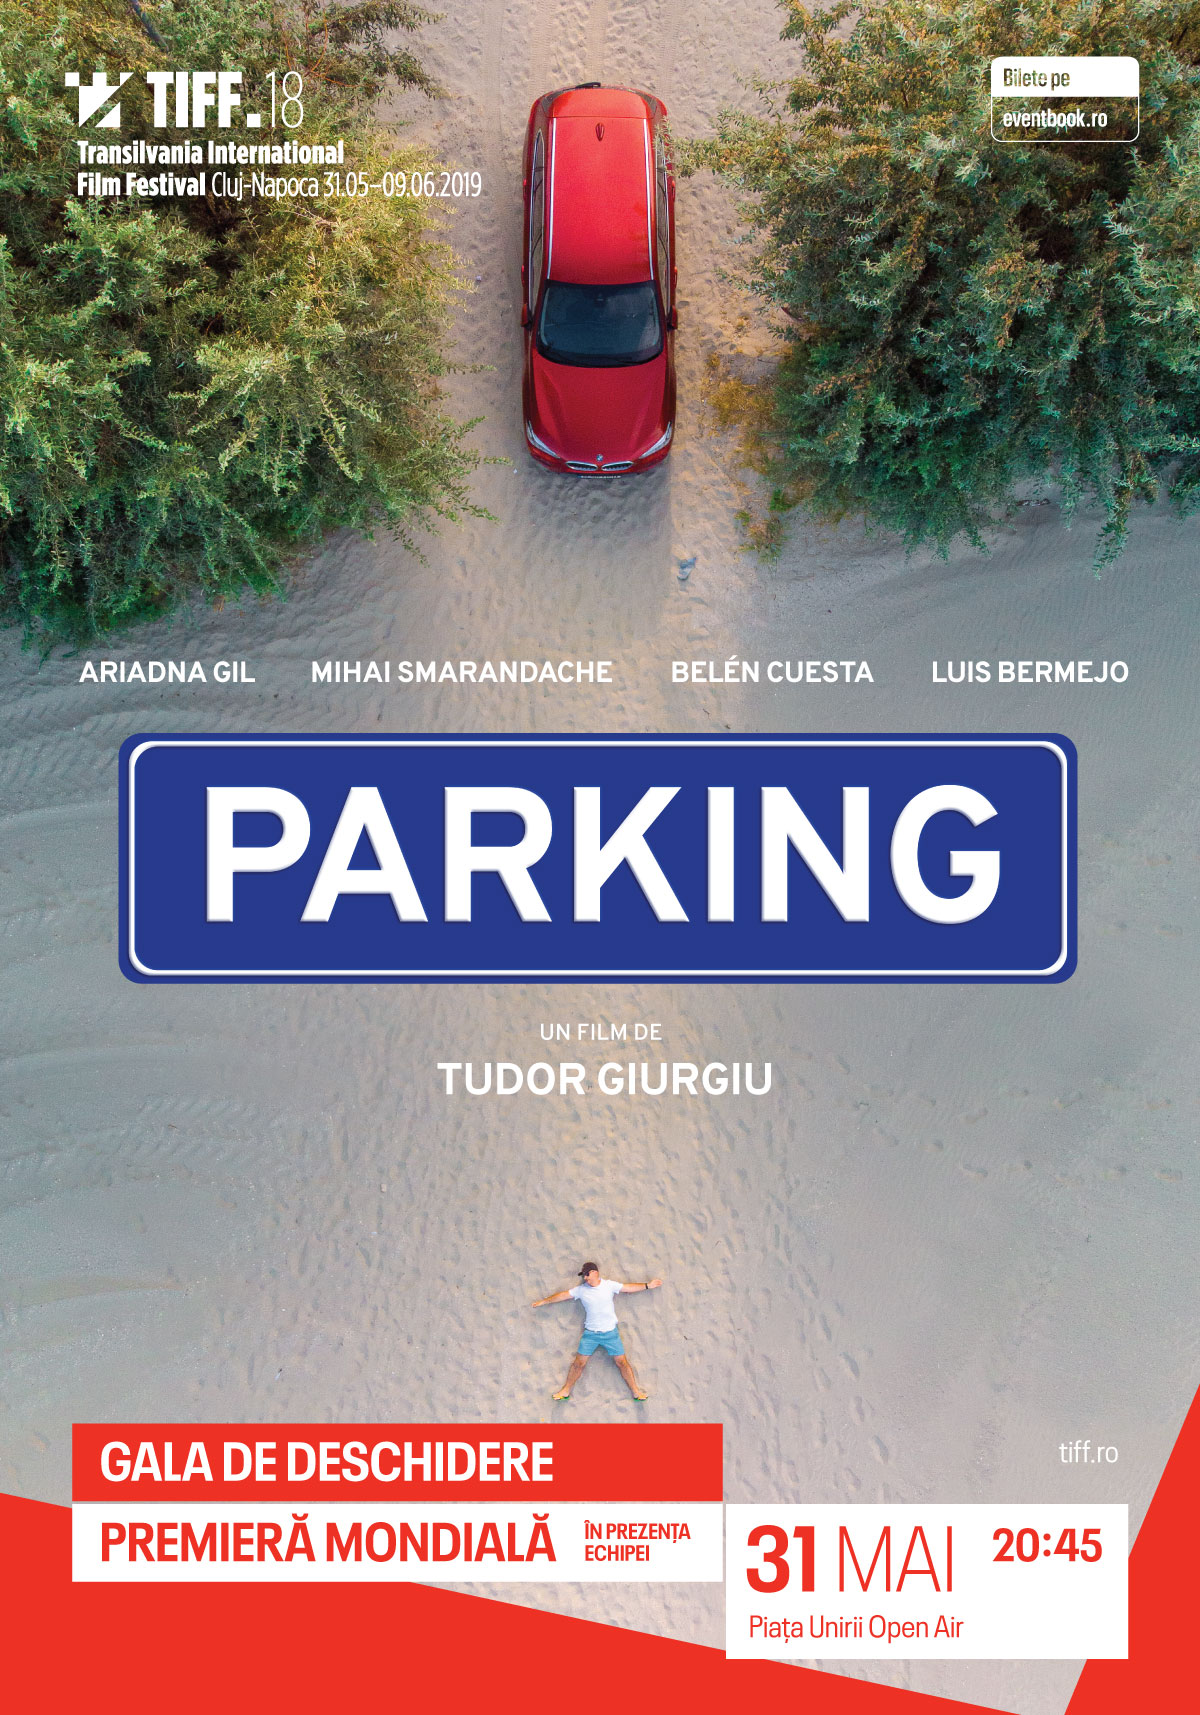 Parking R. Tudor Giurgiu afiș